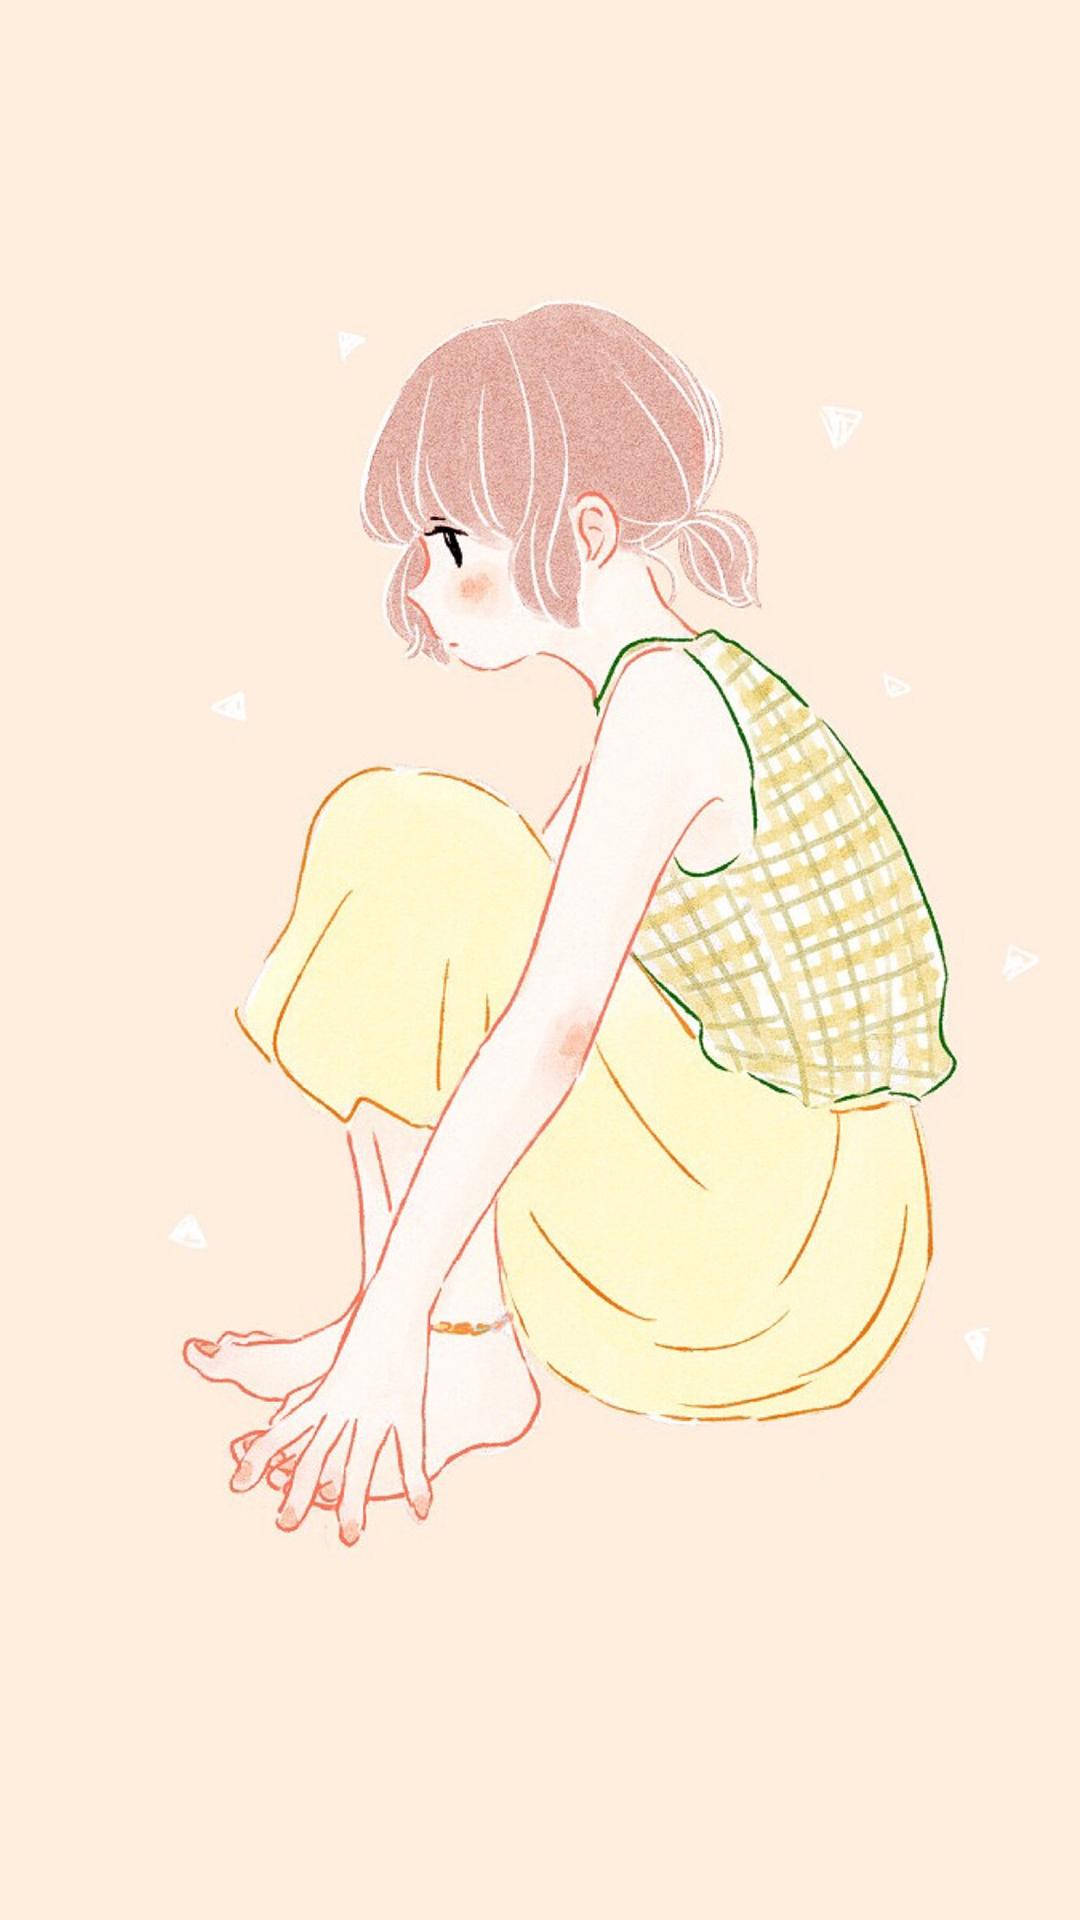 动漫少女 简约 卡通 侧颜